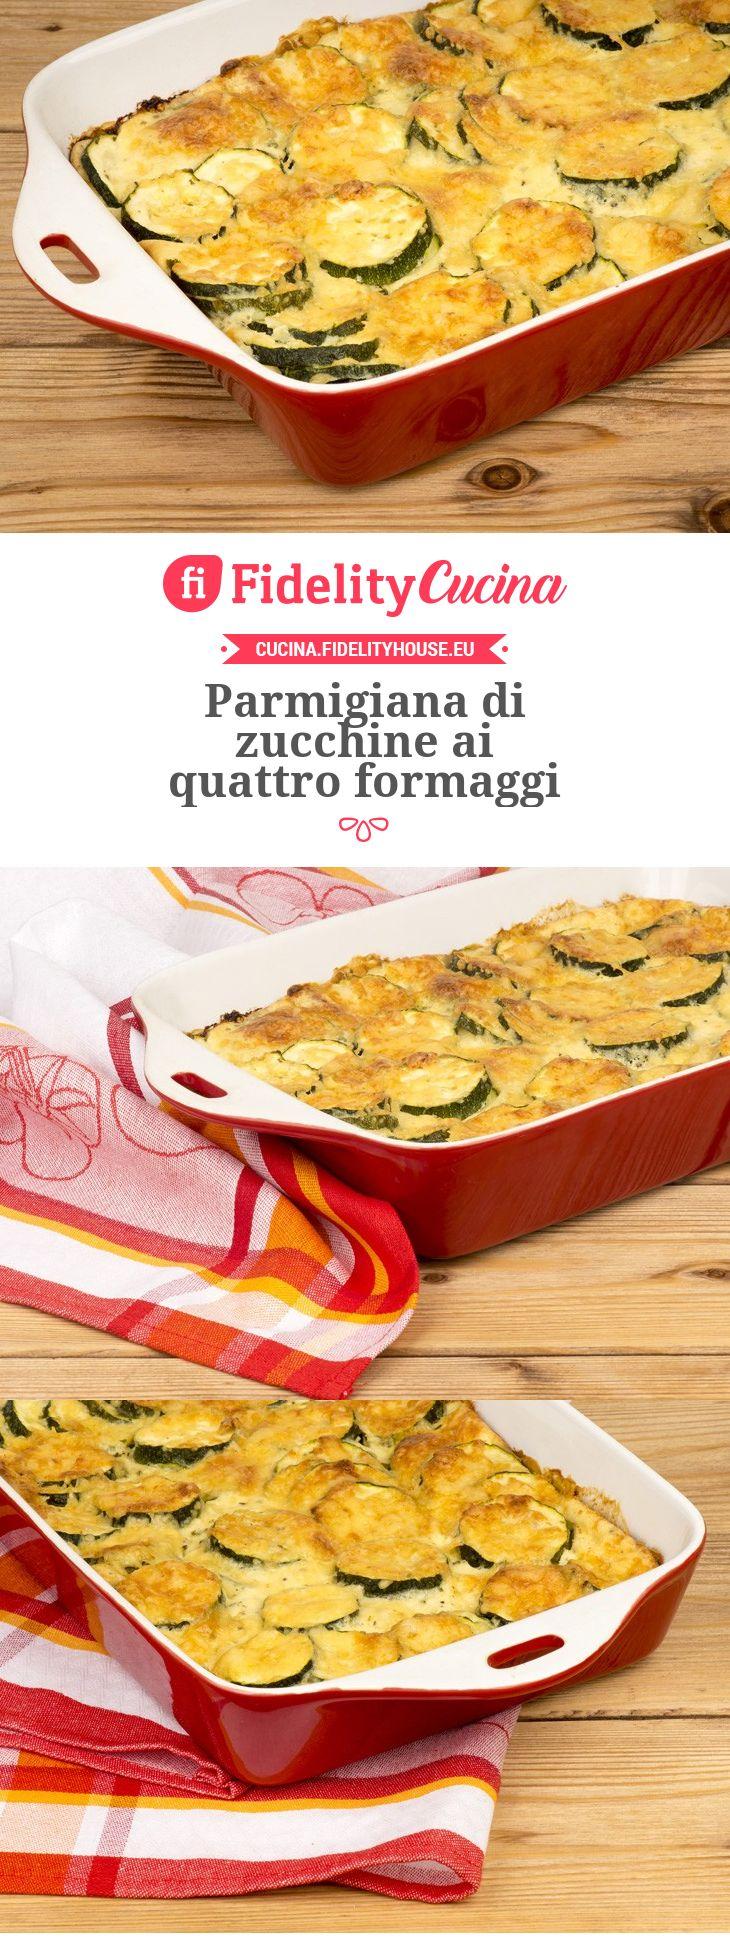 Parmigiana di zucchine ai quattro formaggi